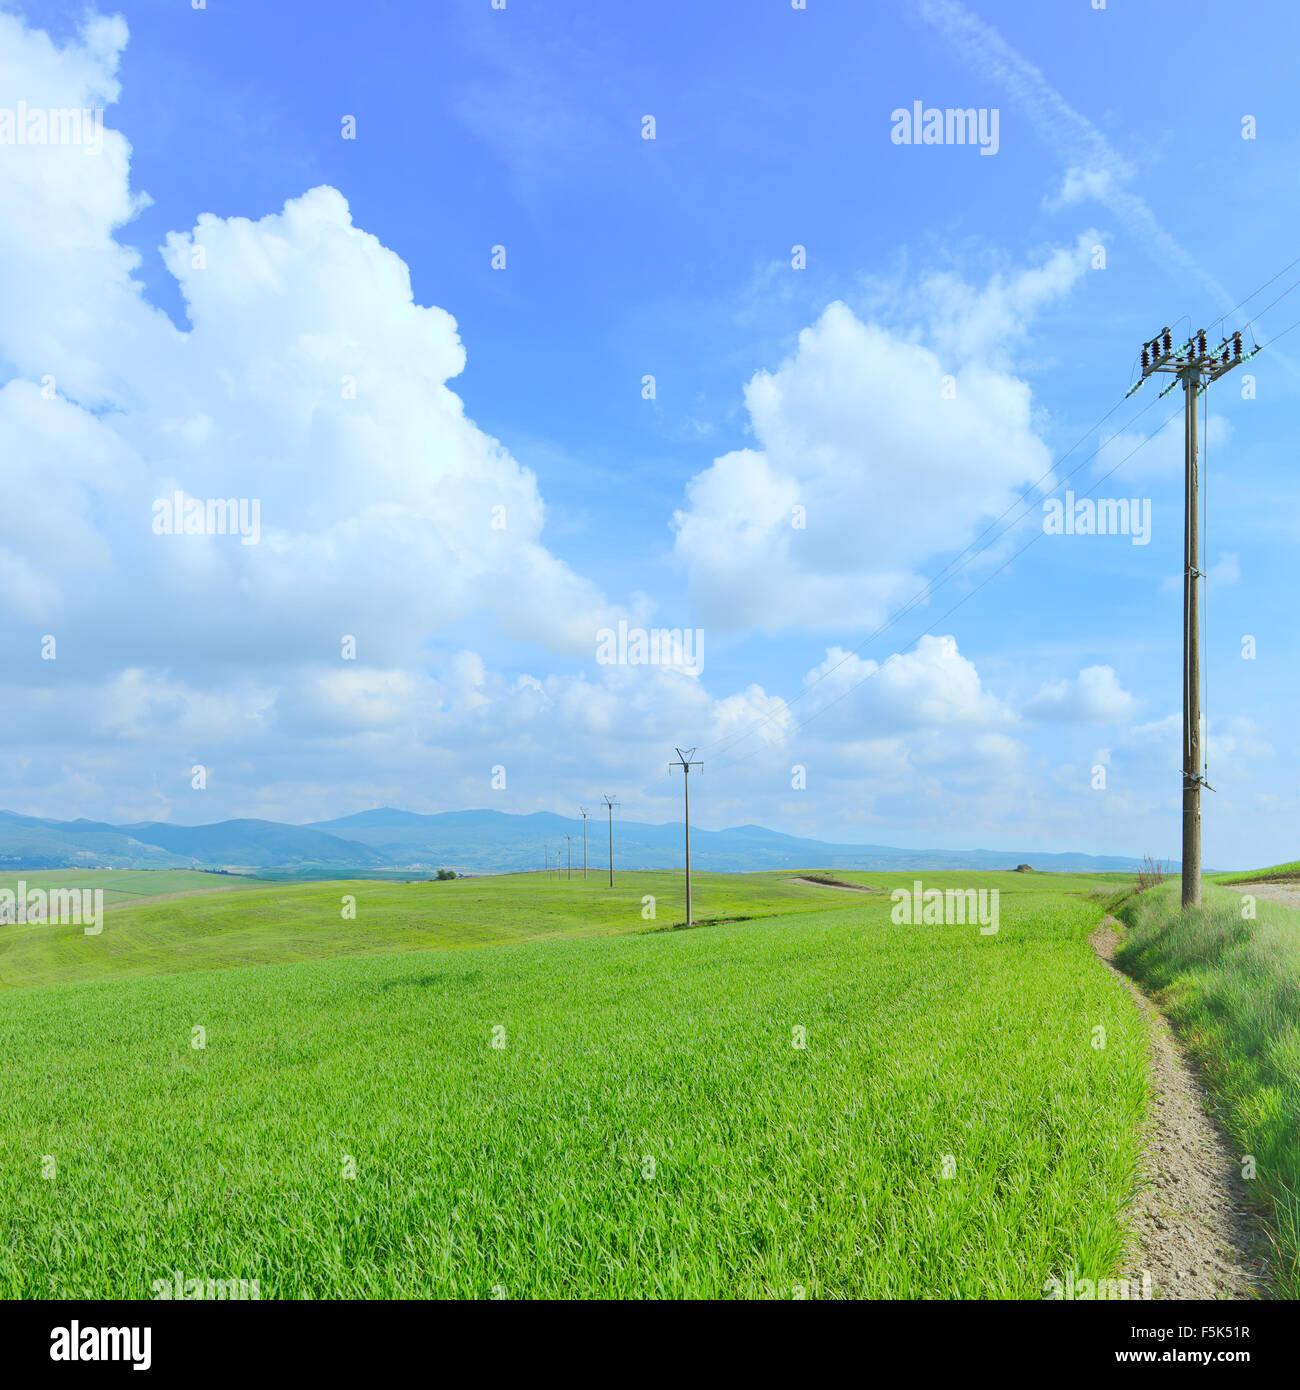 Elektrische Linie Strommasten in der grünen Wiese und einem bewölkten hellblauen Himmel im Frühling. Stockbild